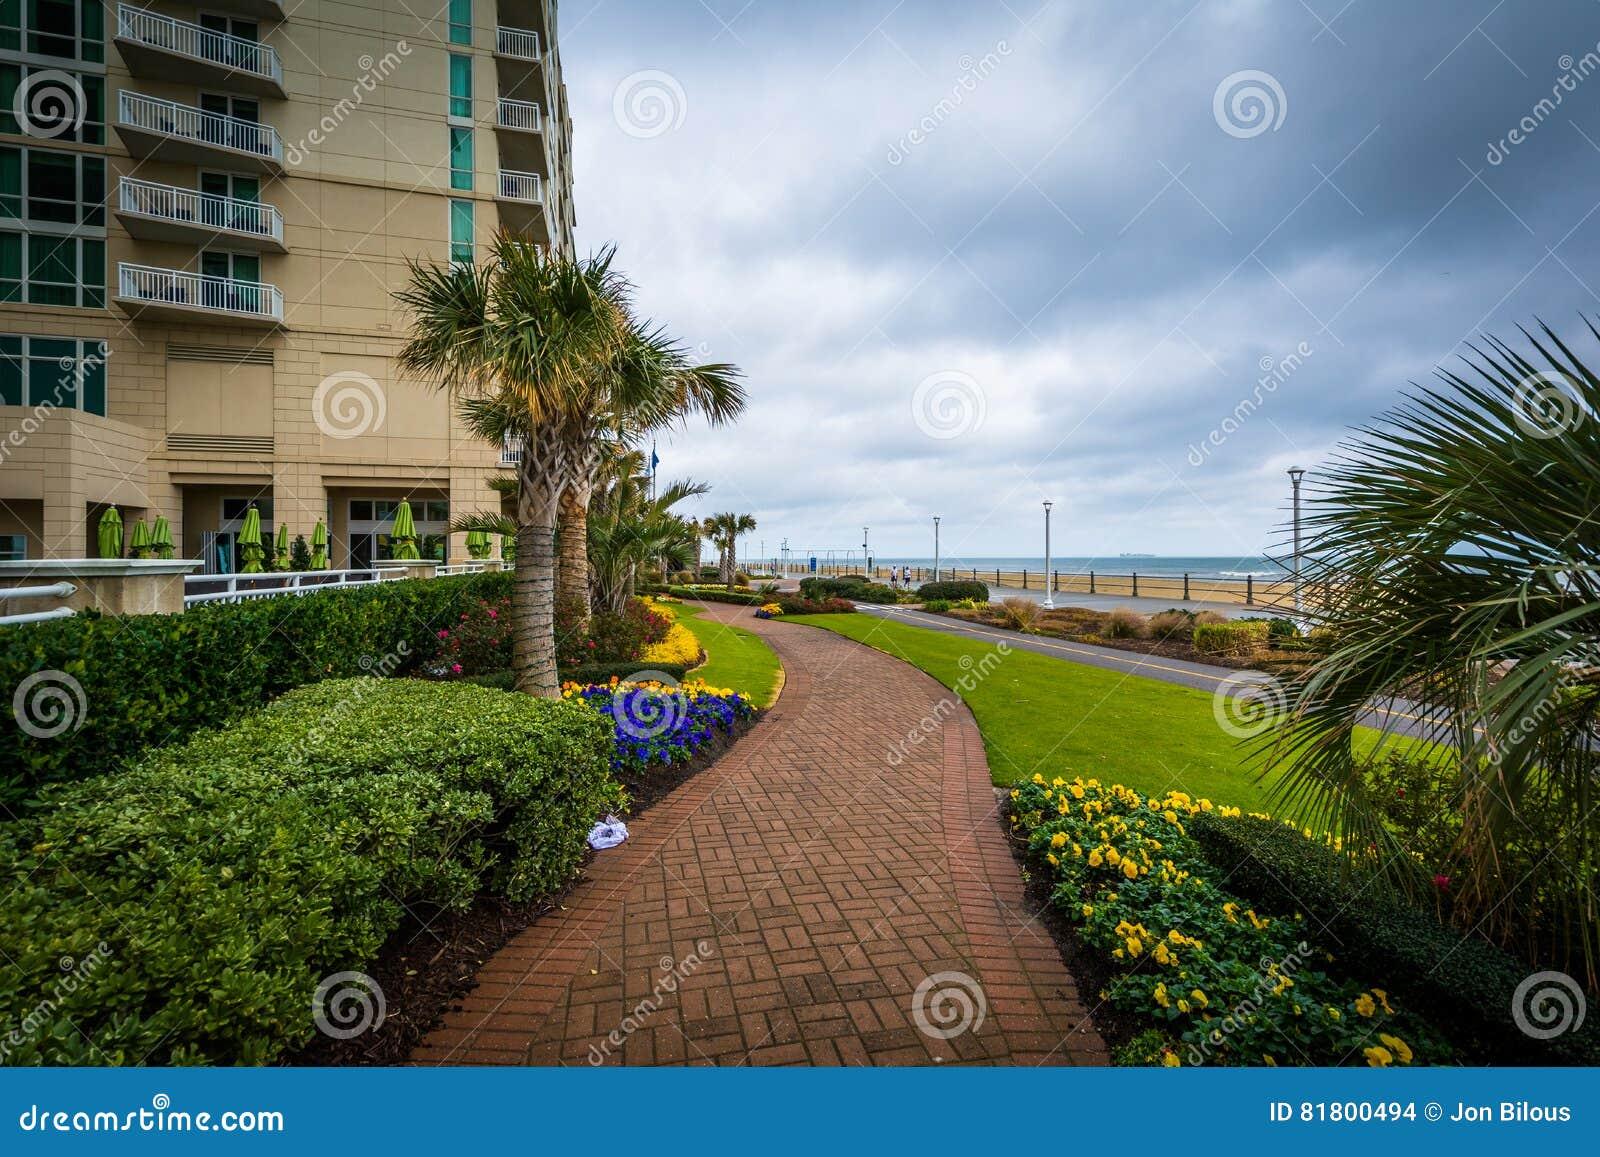 Пальмы и сады вдоль дорожки в Virginia Beach, девственнице